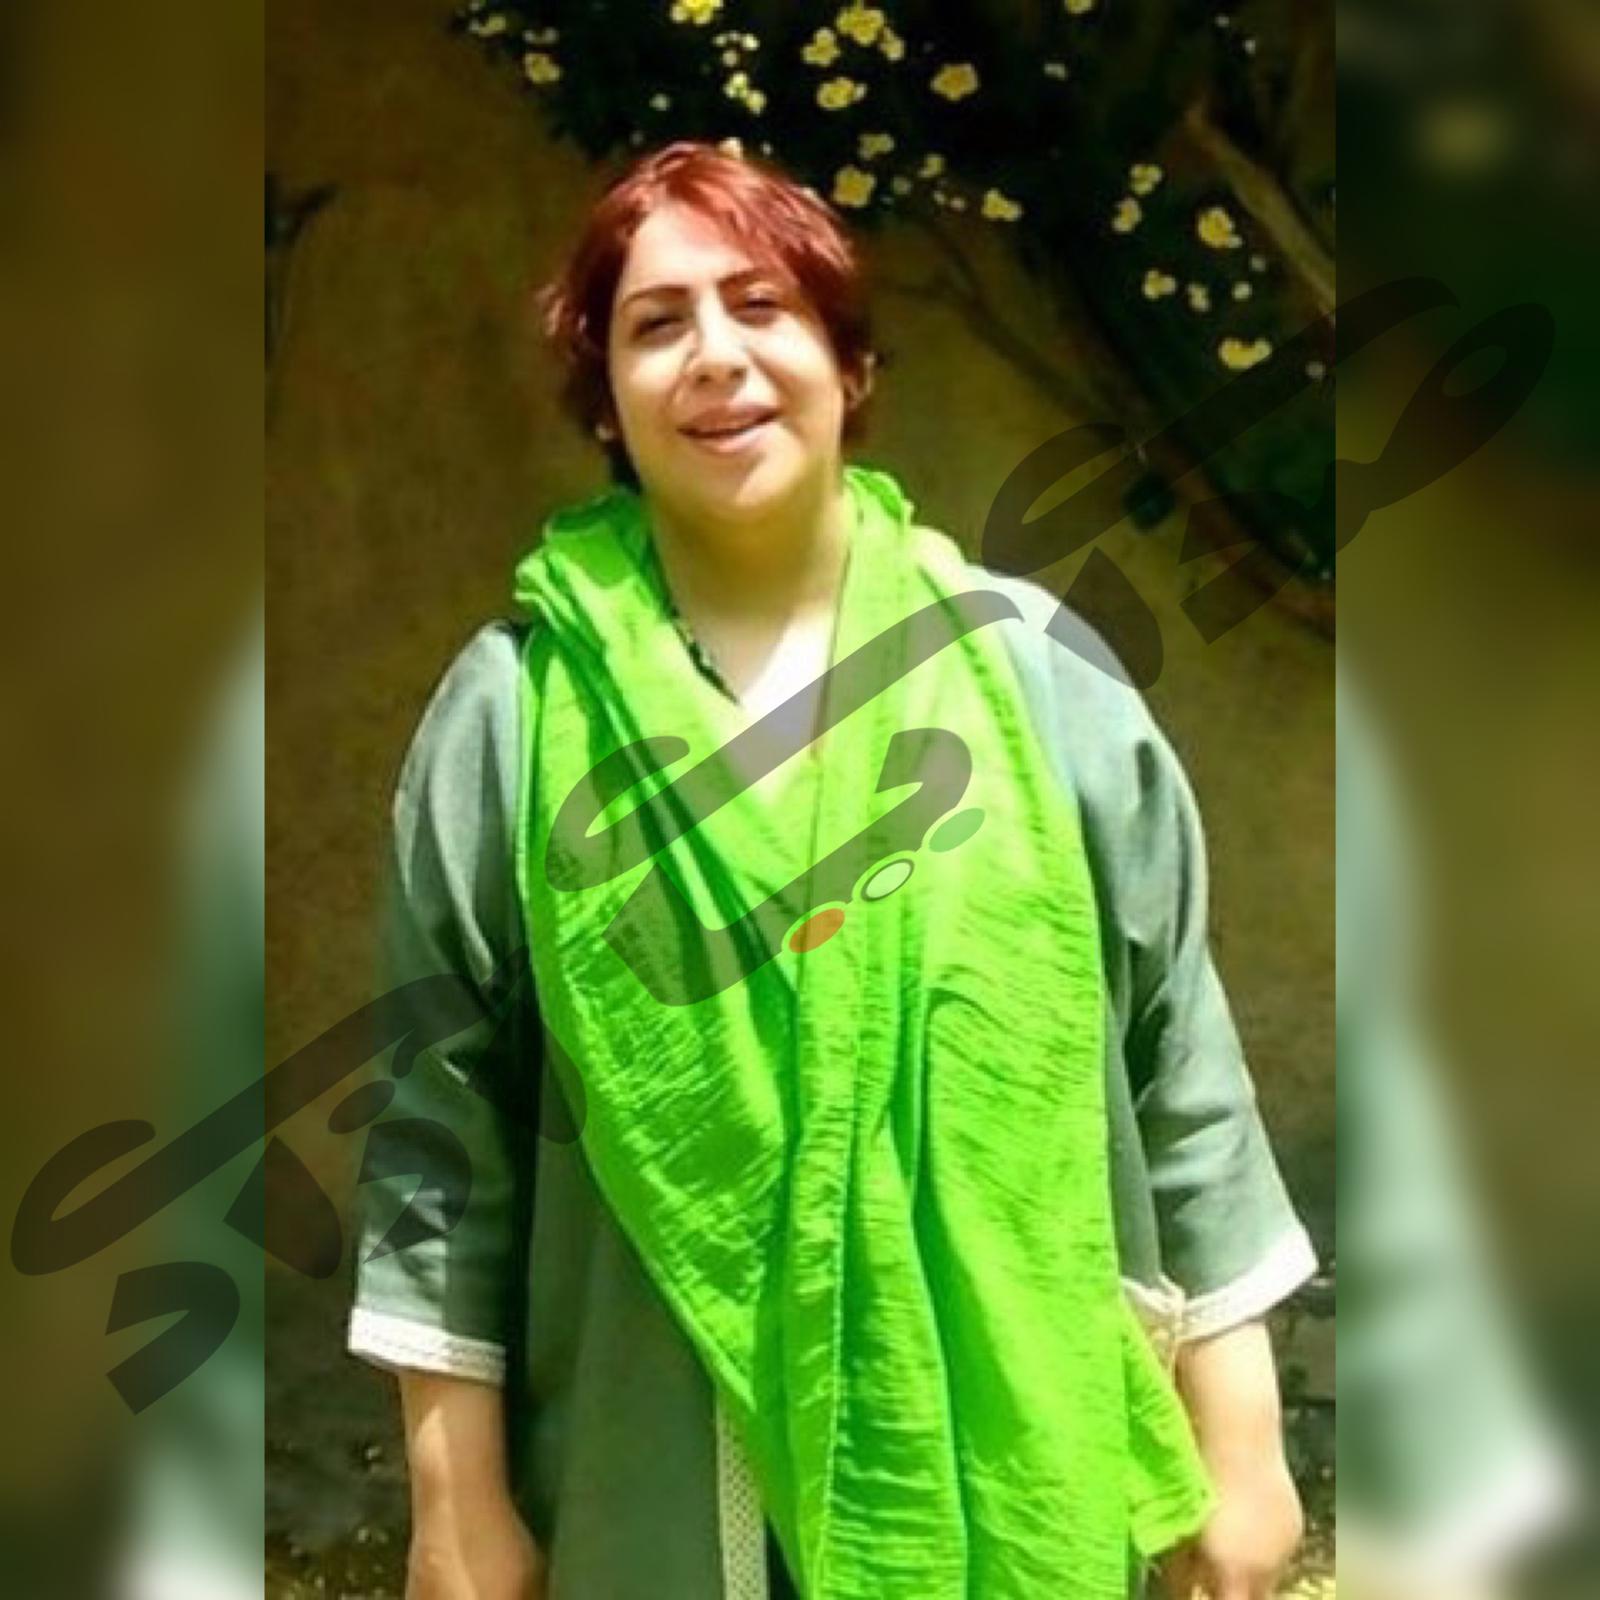 نقدی بر رای رضوانه احمد خان بیگی